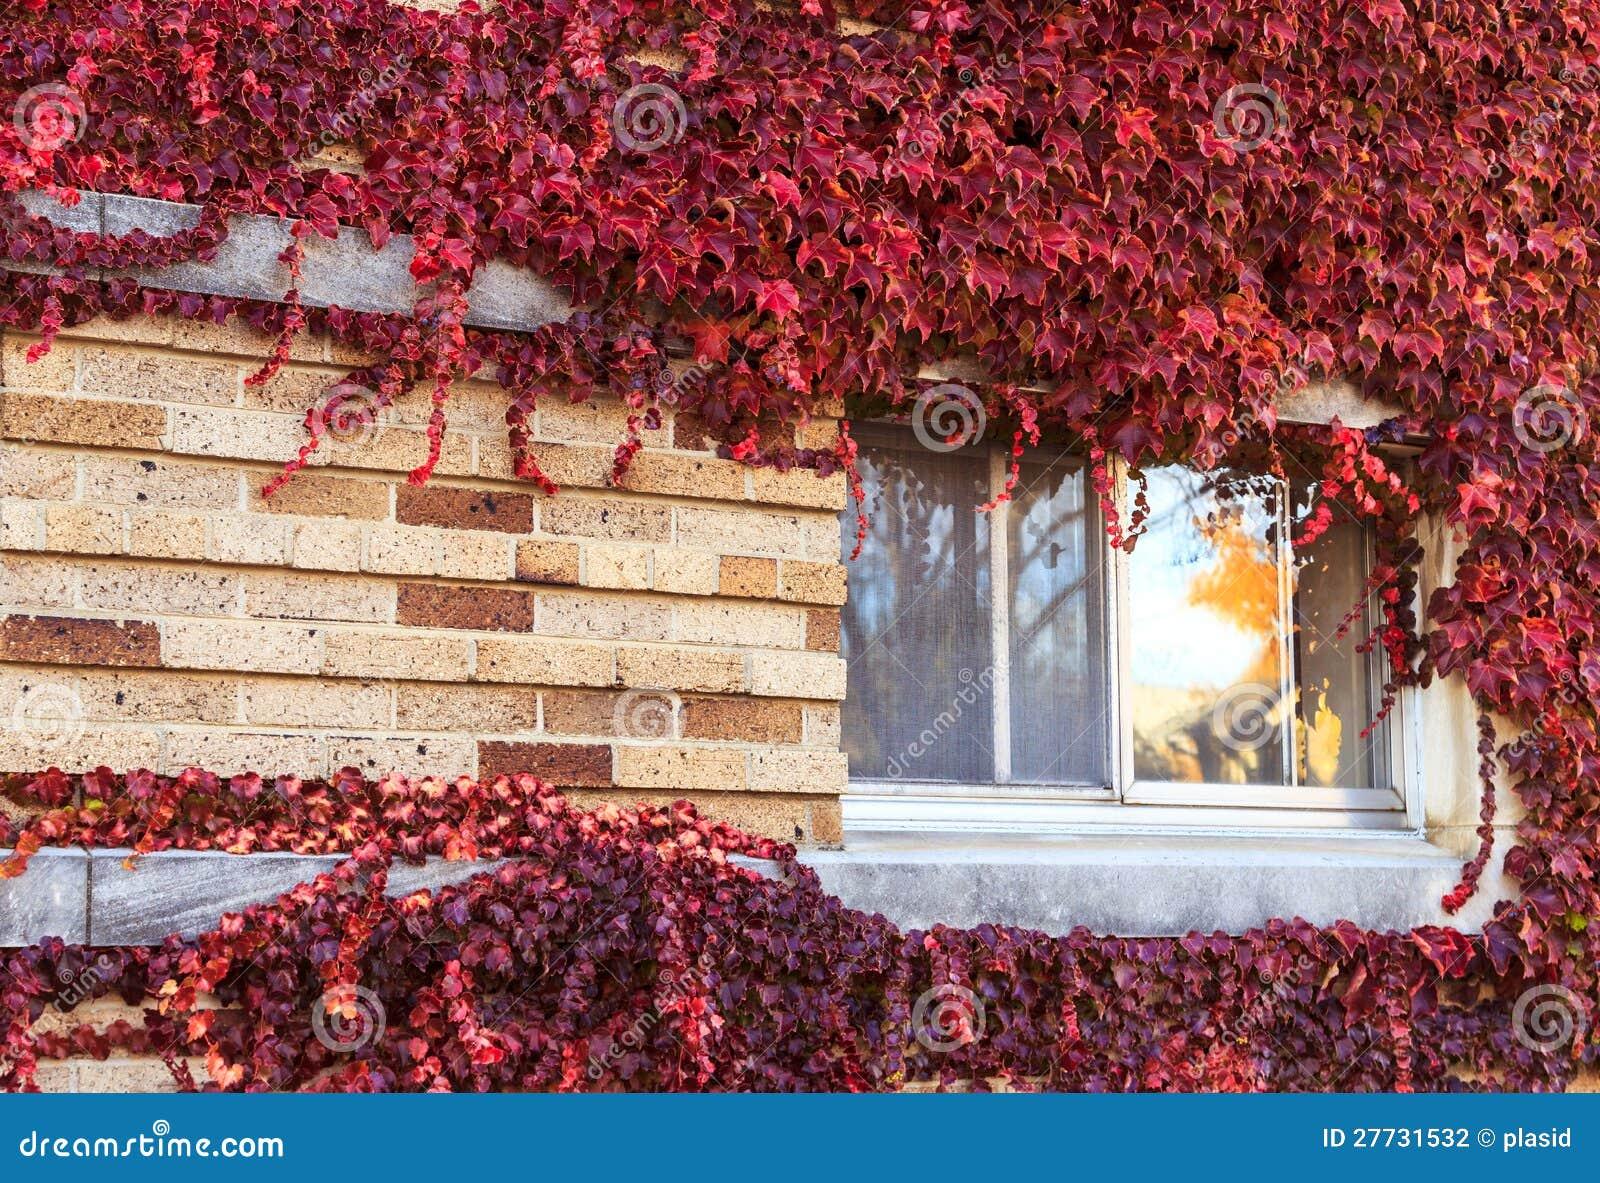 Fenster auf einer Wand abgedeckt mit Trauben